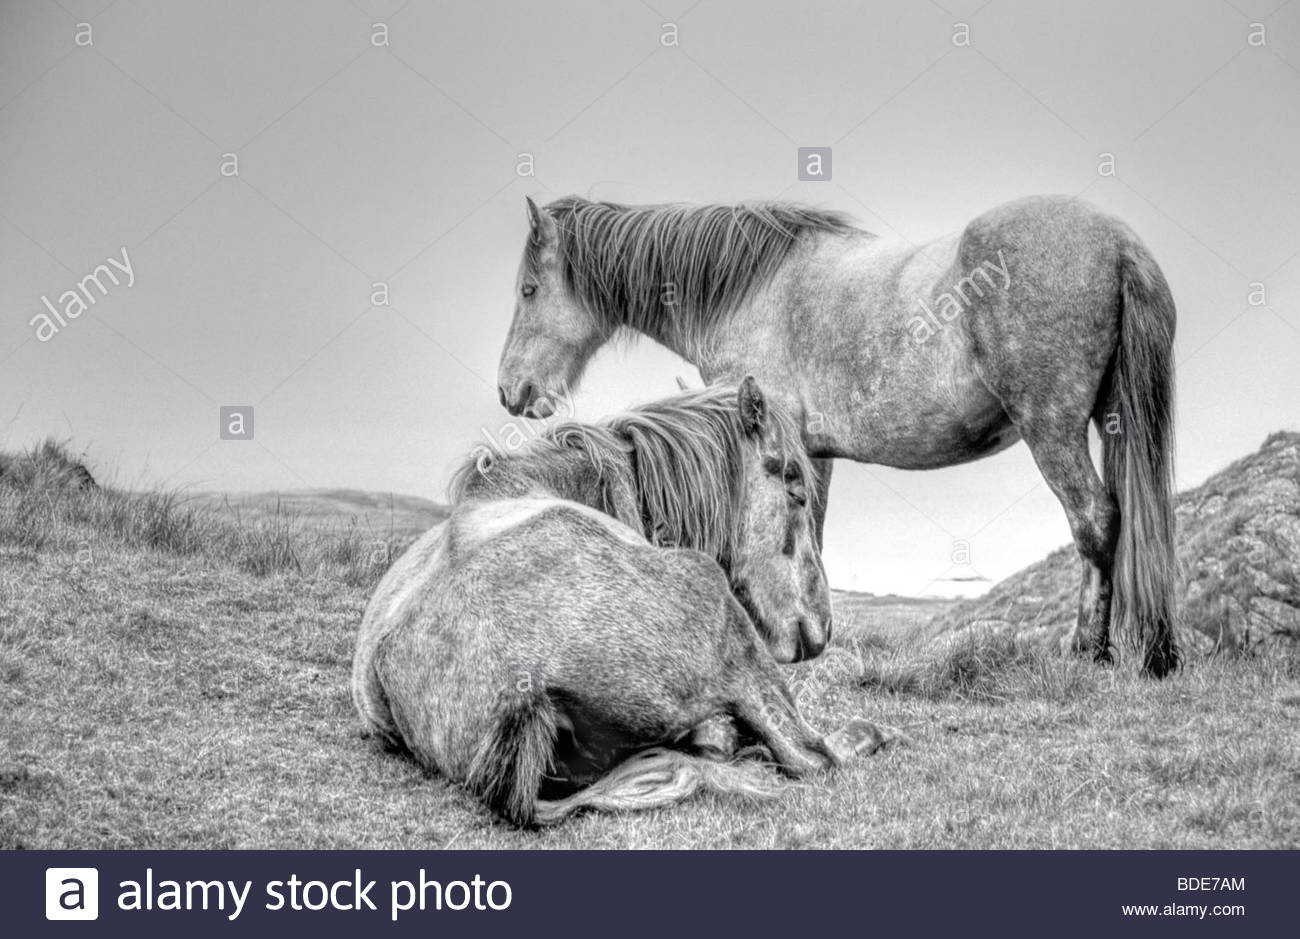 HDR image of a wild living Eriskay Pony, Isle of Eriskay, Scotland - Stock Image